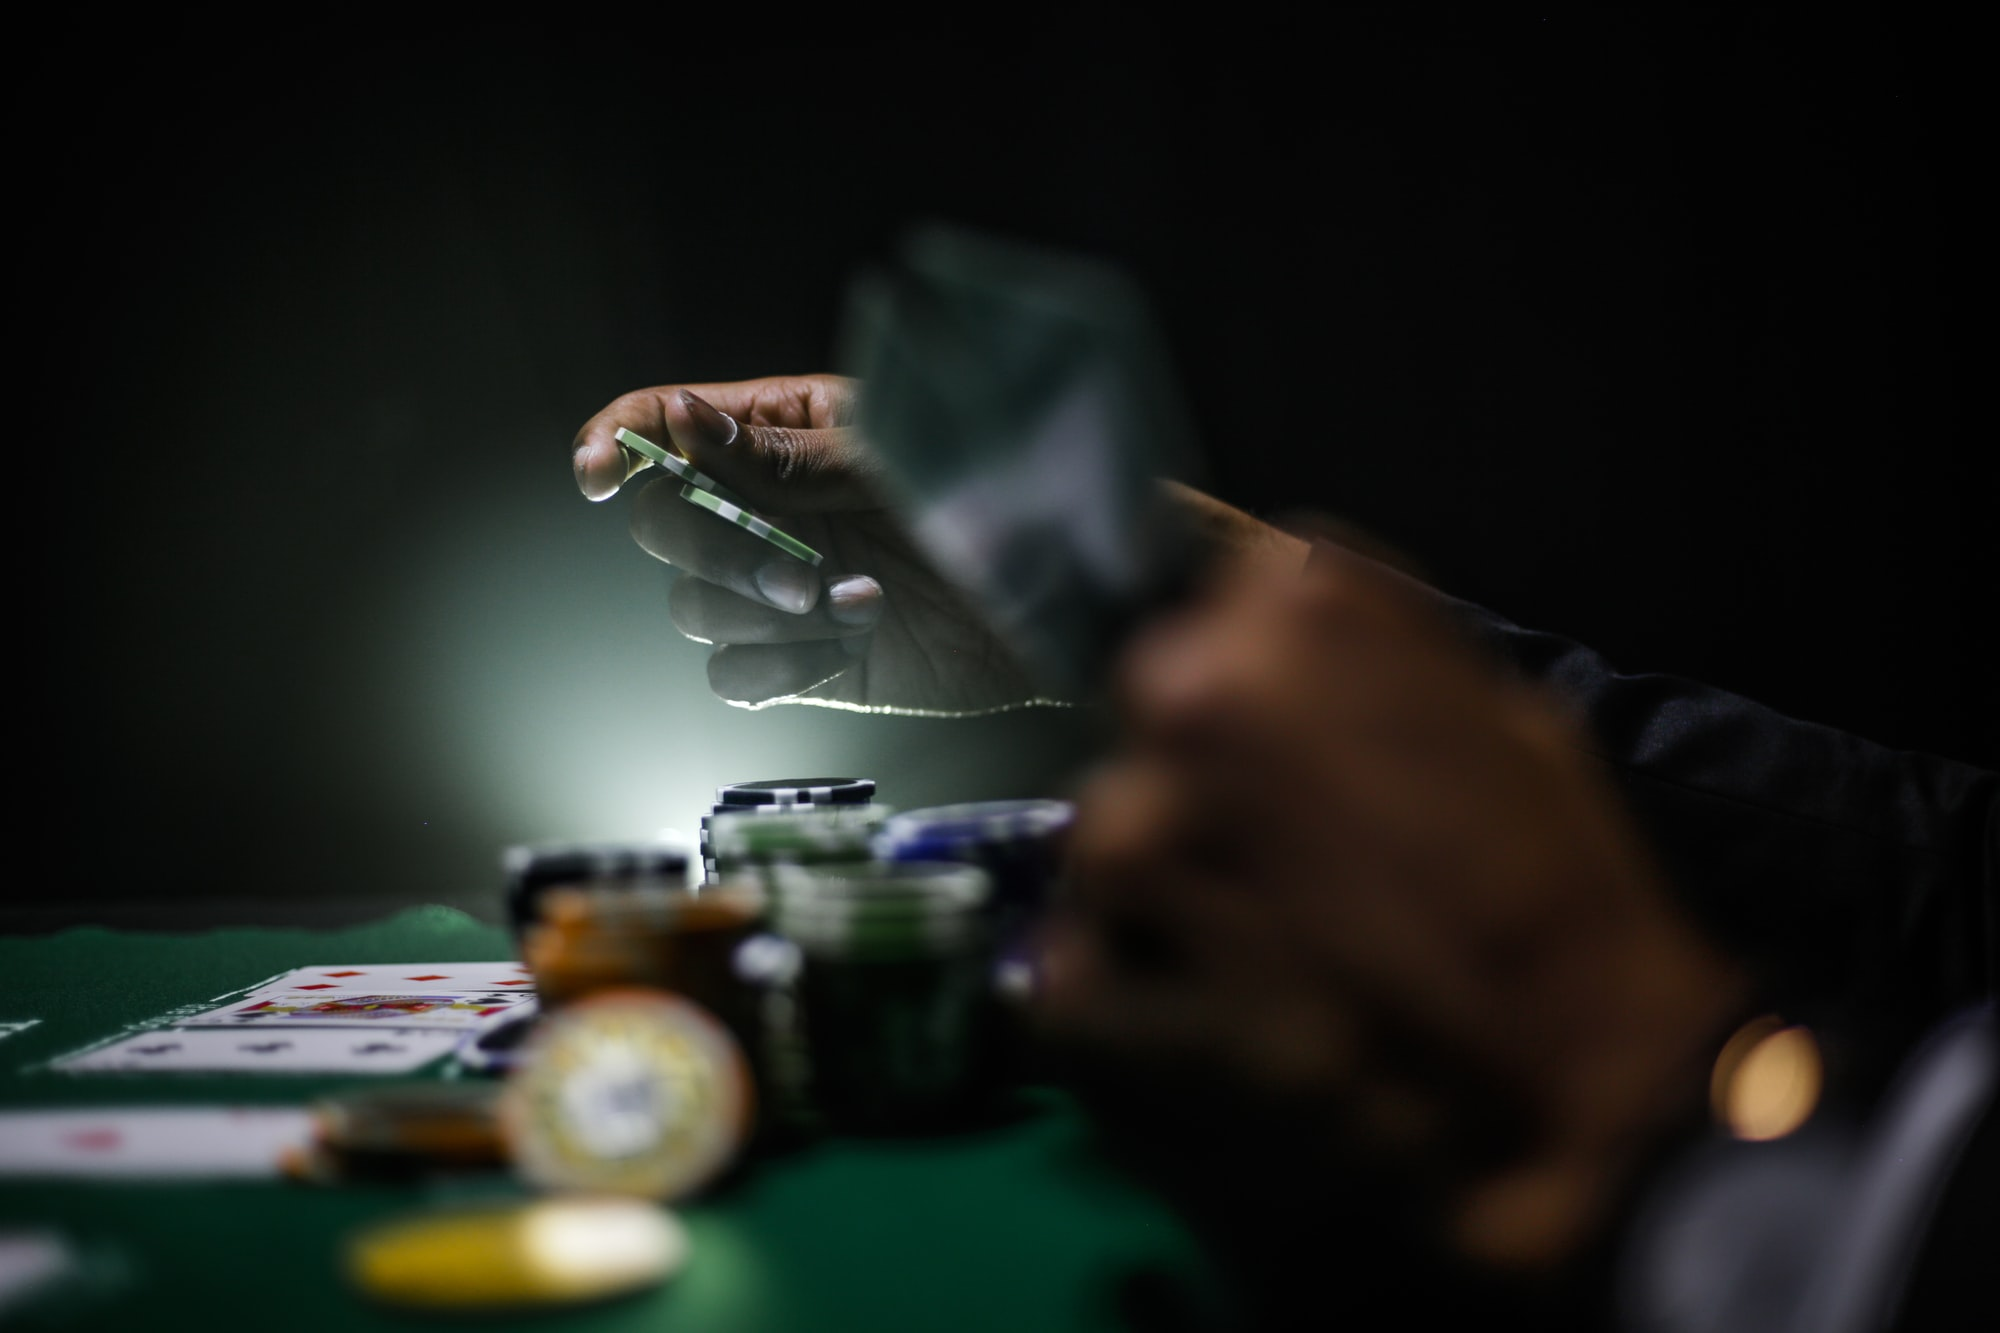 Pokerde Rest Bulmaca Anlamı Nedir?